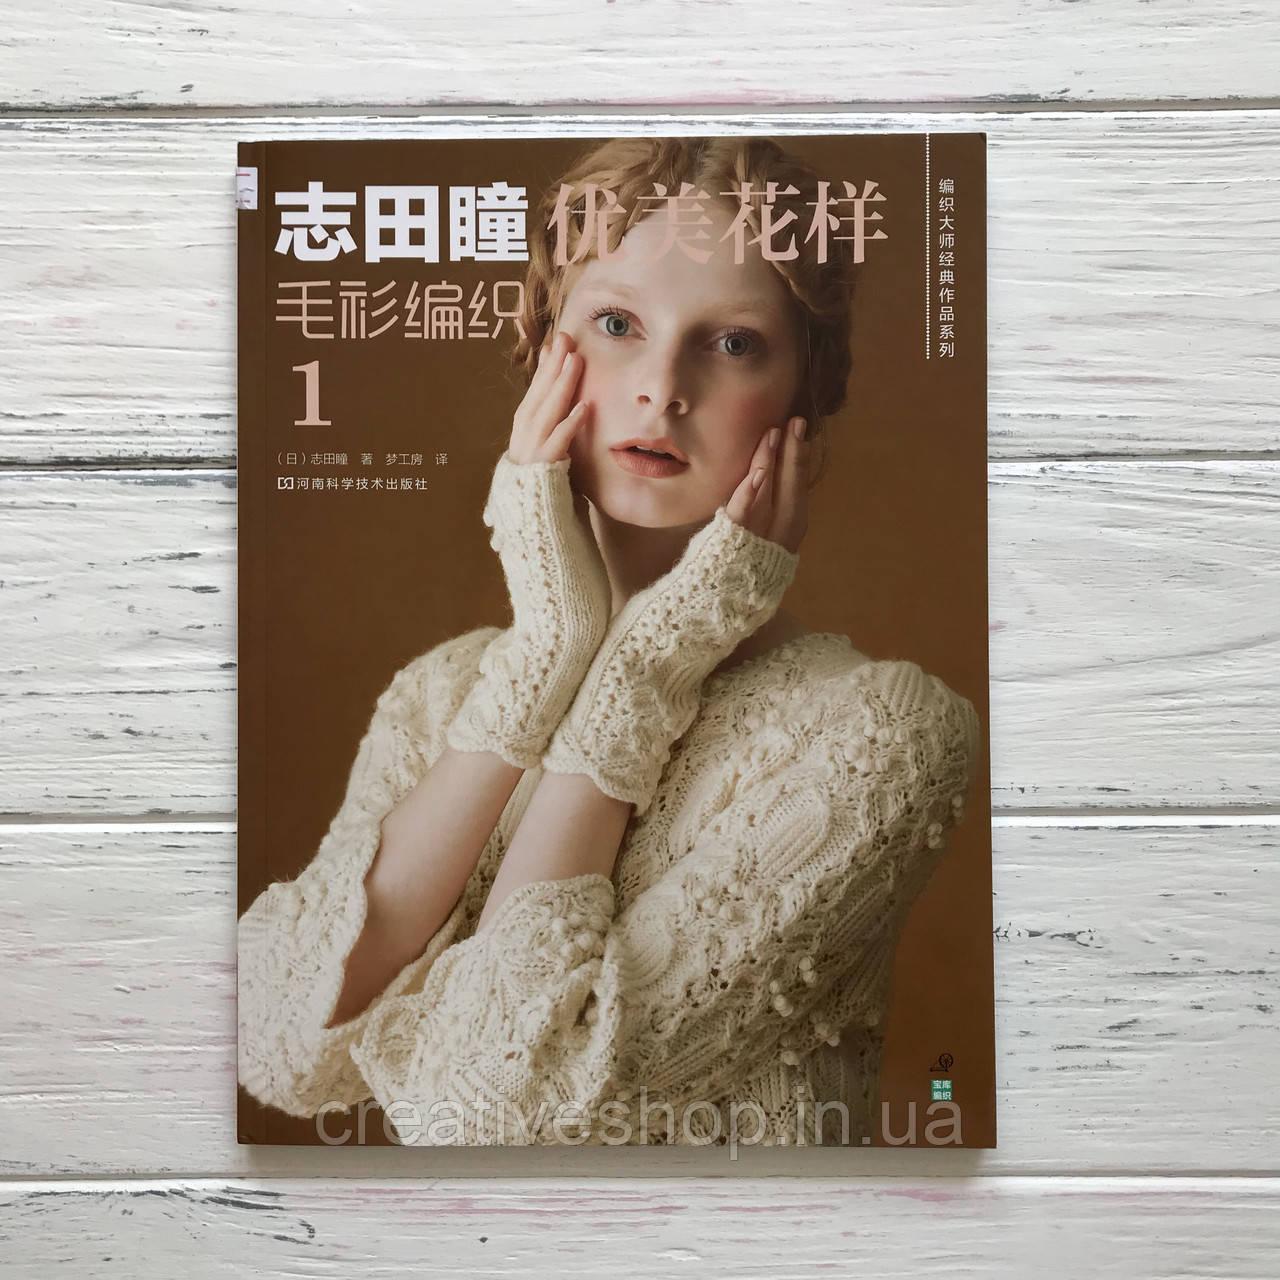 """Японский журнал по вязанию """"Модели №1"""""""